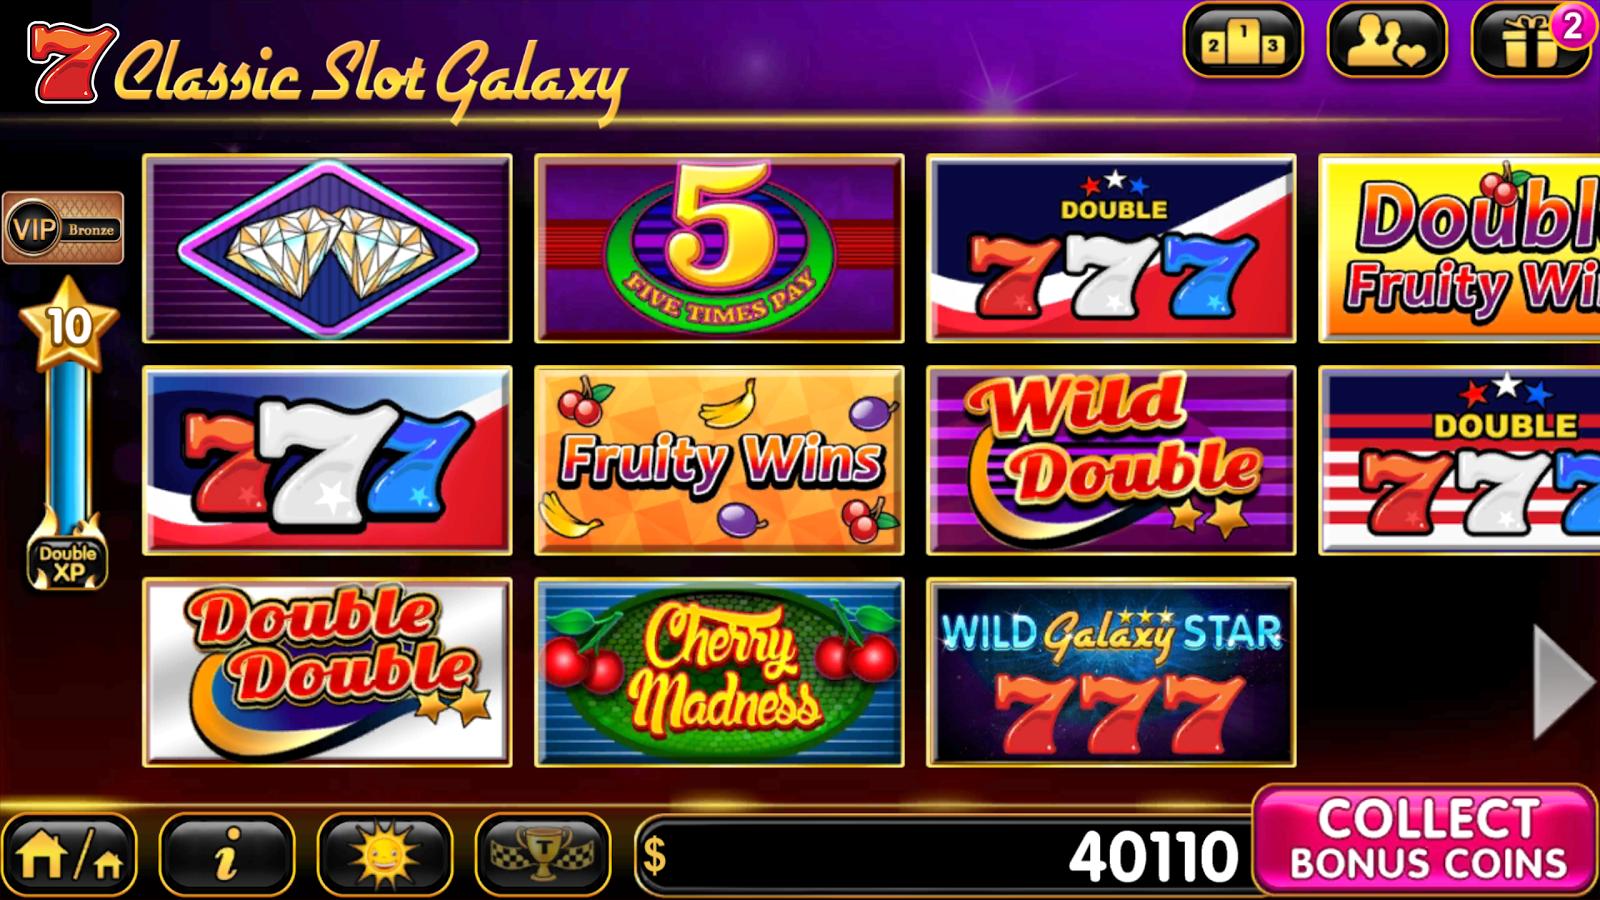 на казино биткоинах онлайн